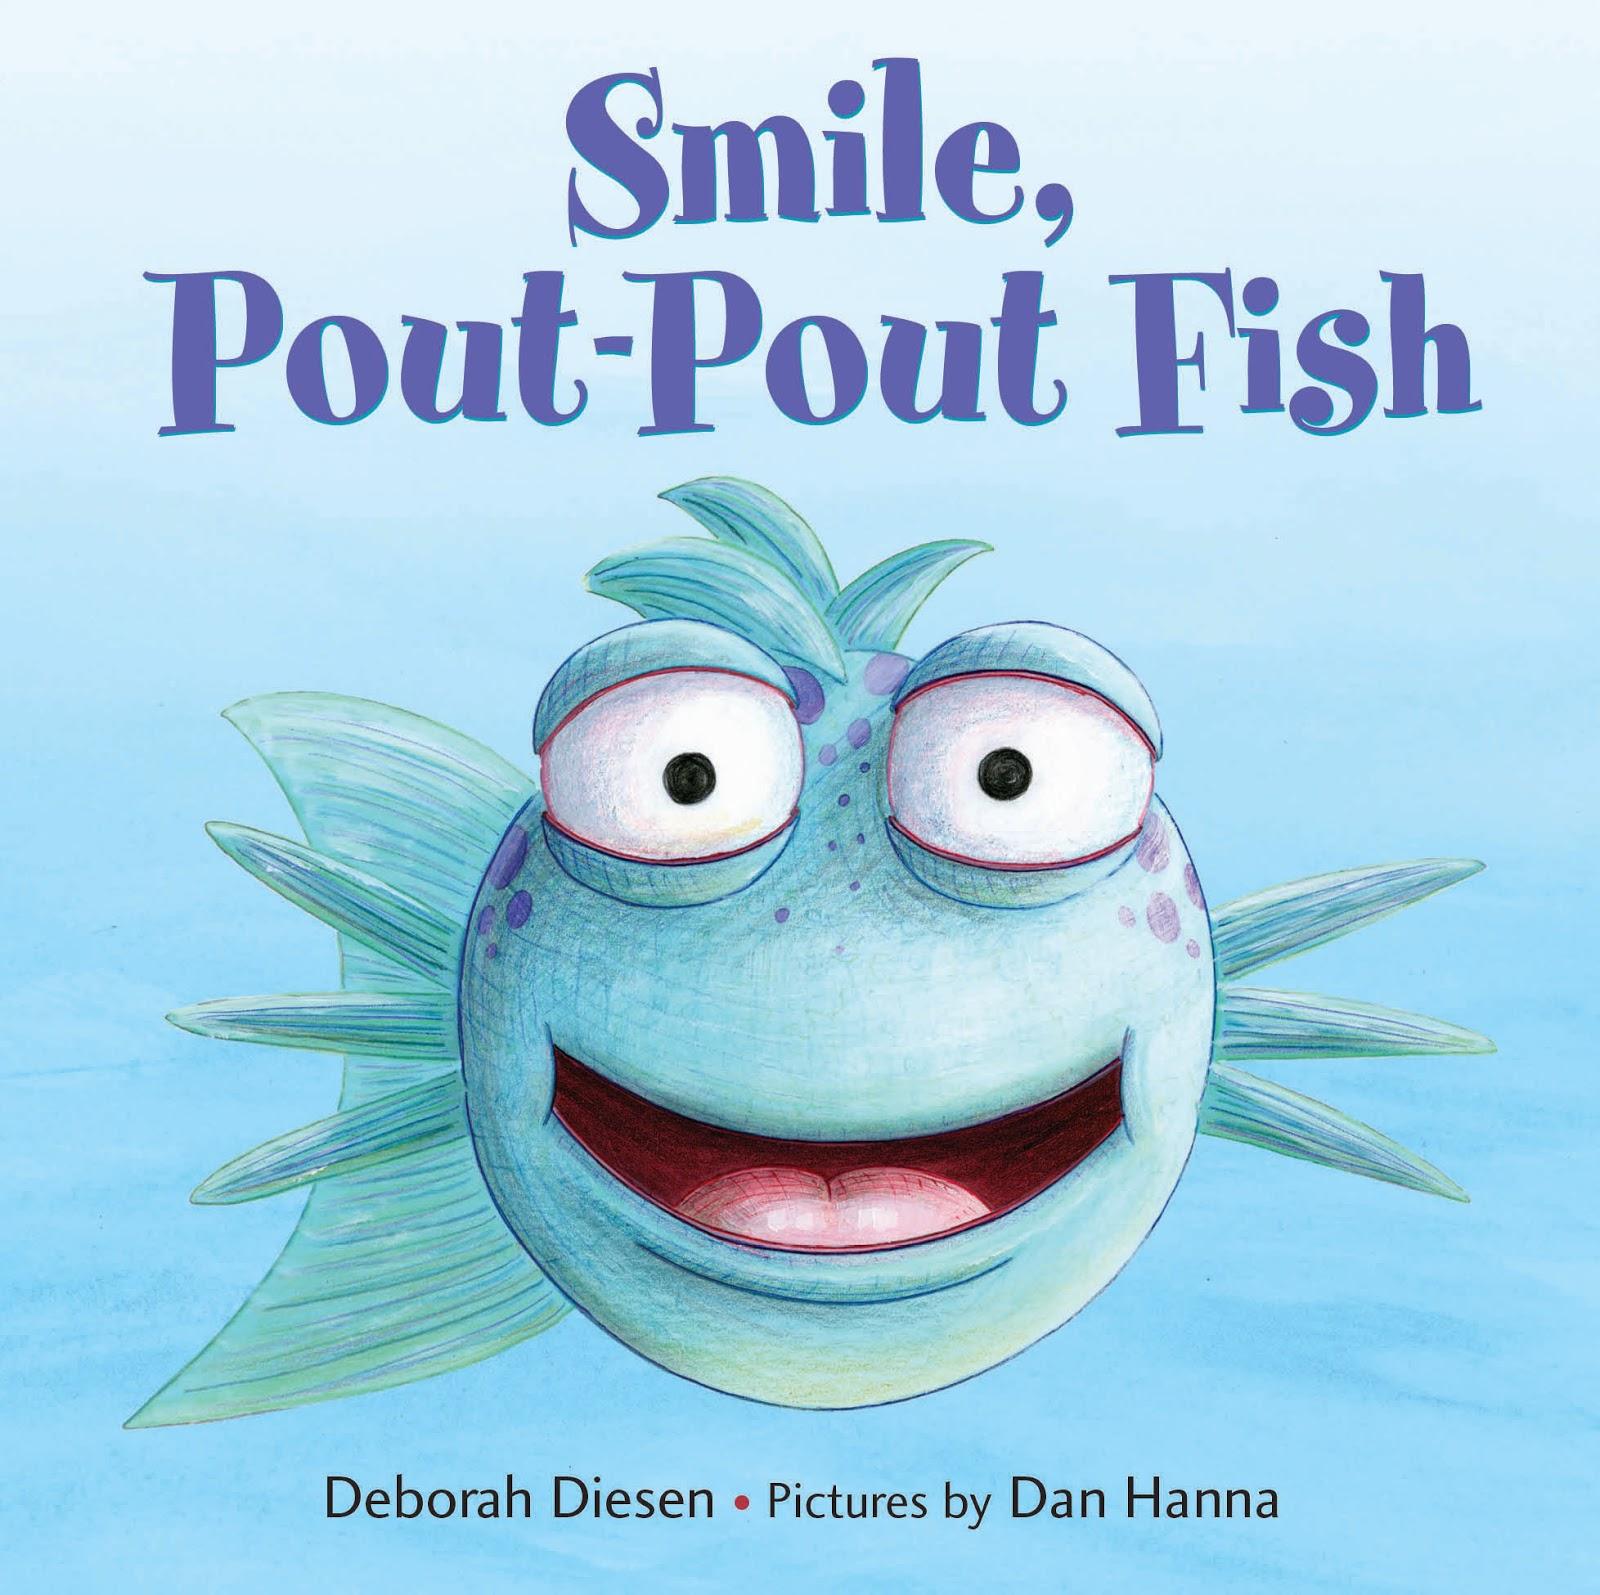 The Pout-Pout Fish: Make Kids Happy